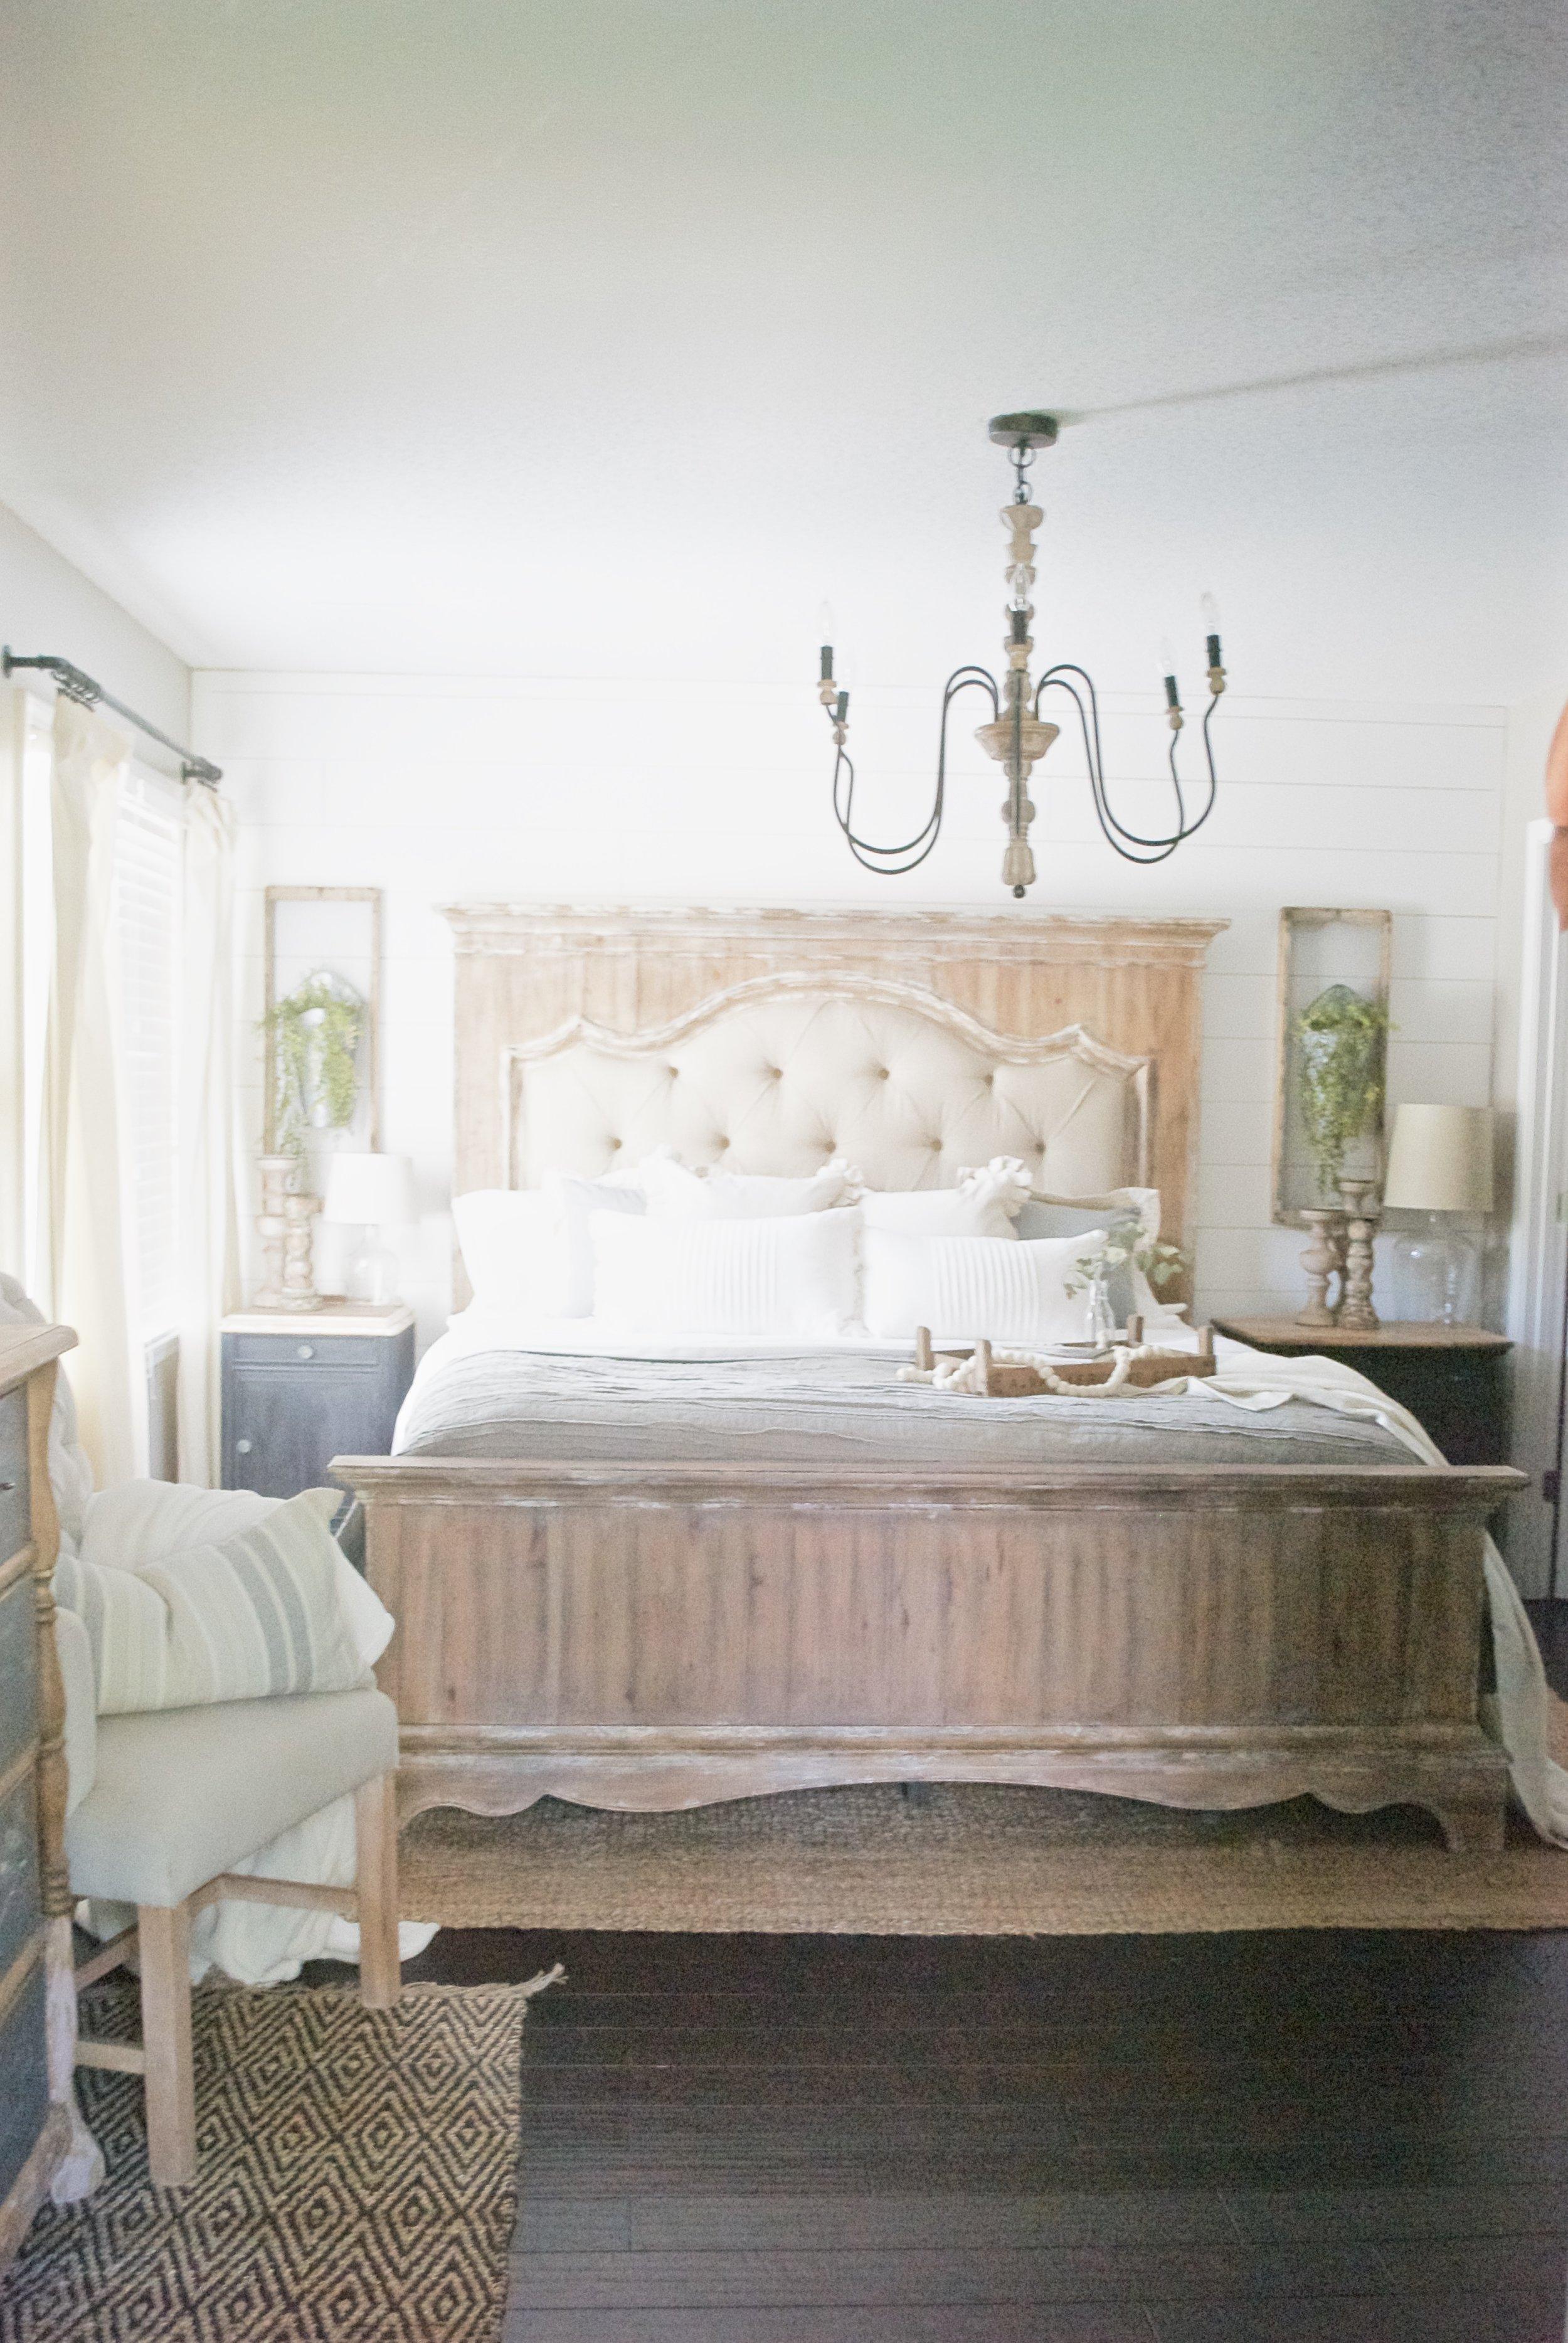 Farmhouse Style Bed- Plum Pretty Decor and Design